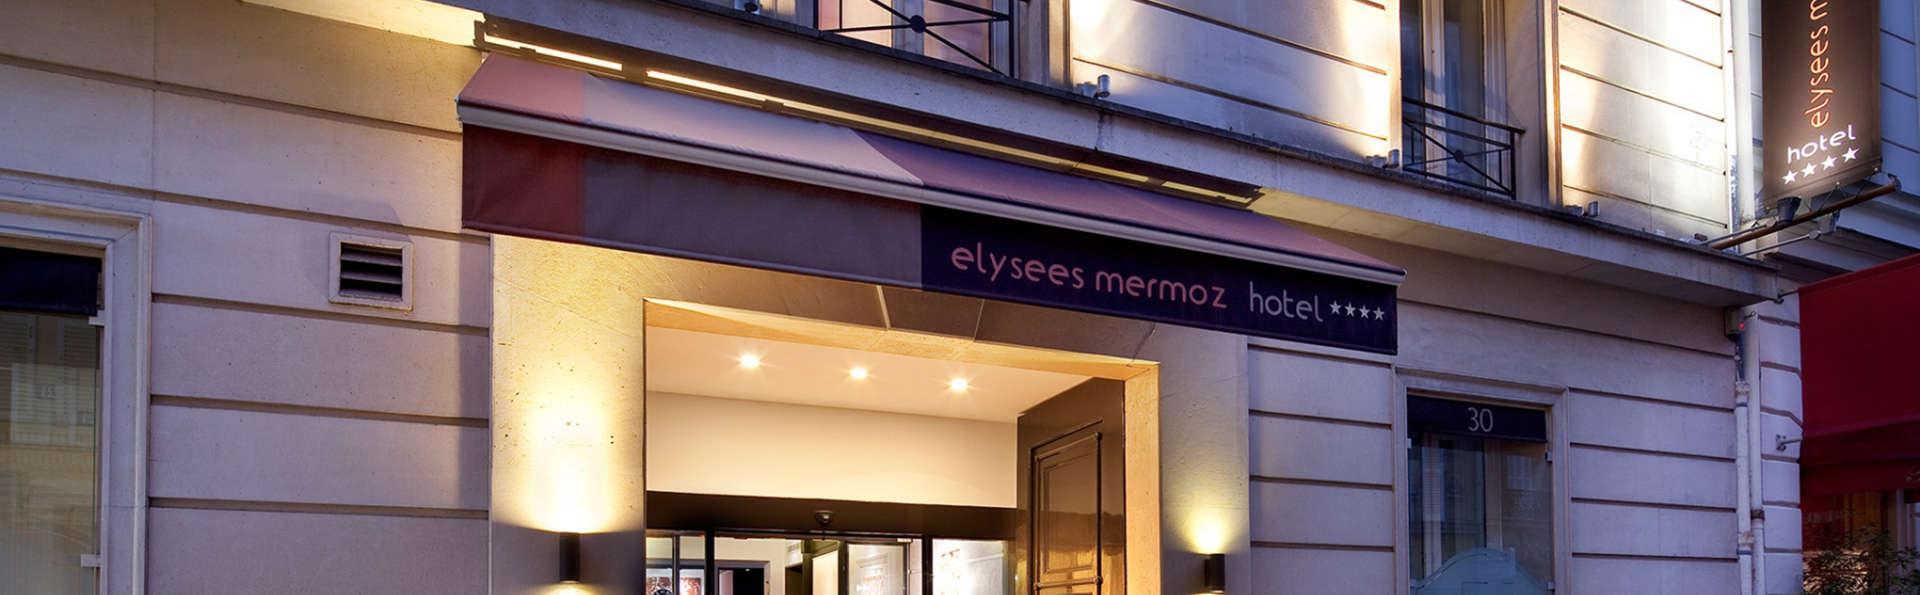 Hotel Elysees Mermoz - Edit_Front2.jpg